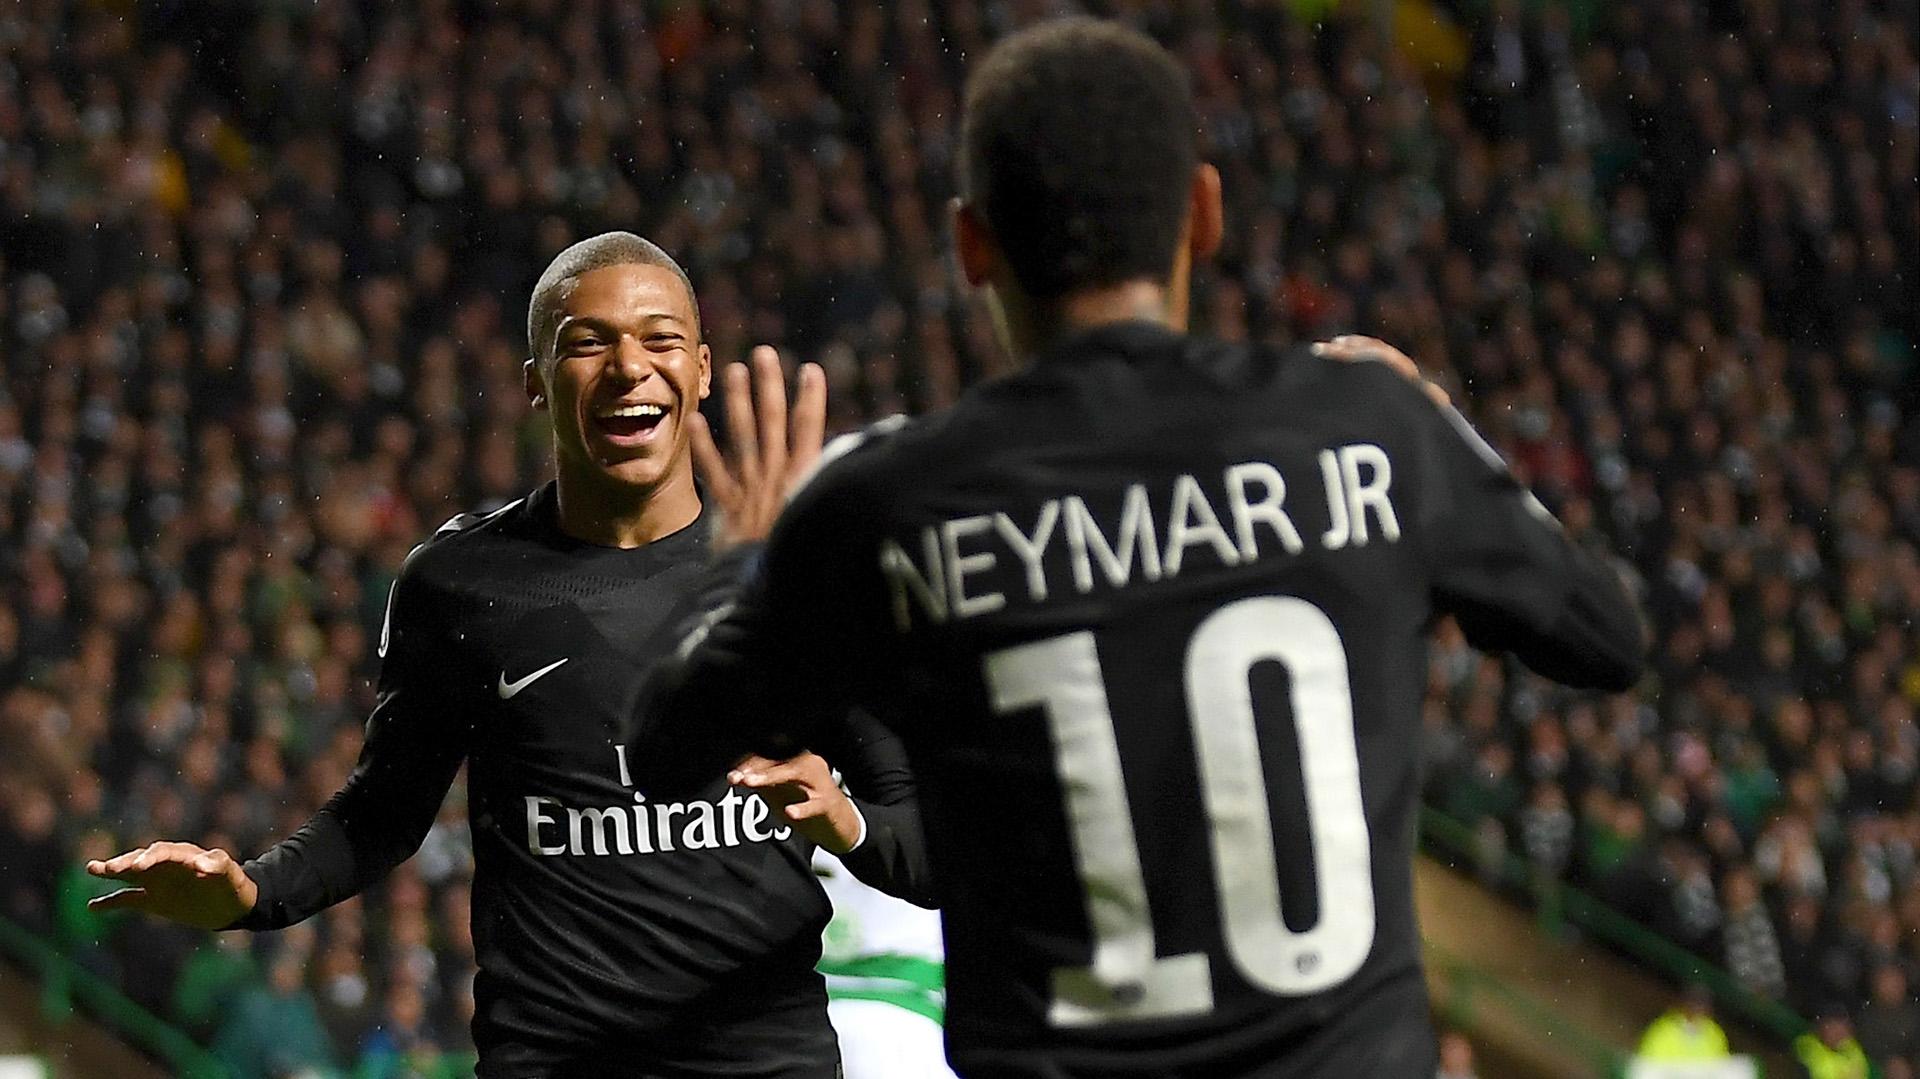 Neymar reconoció que tiene una muy buena relación con Kylian Mbappe en el PSG (Getty Images)